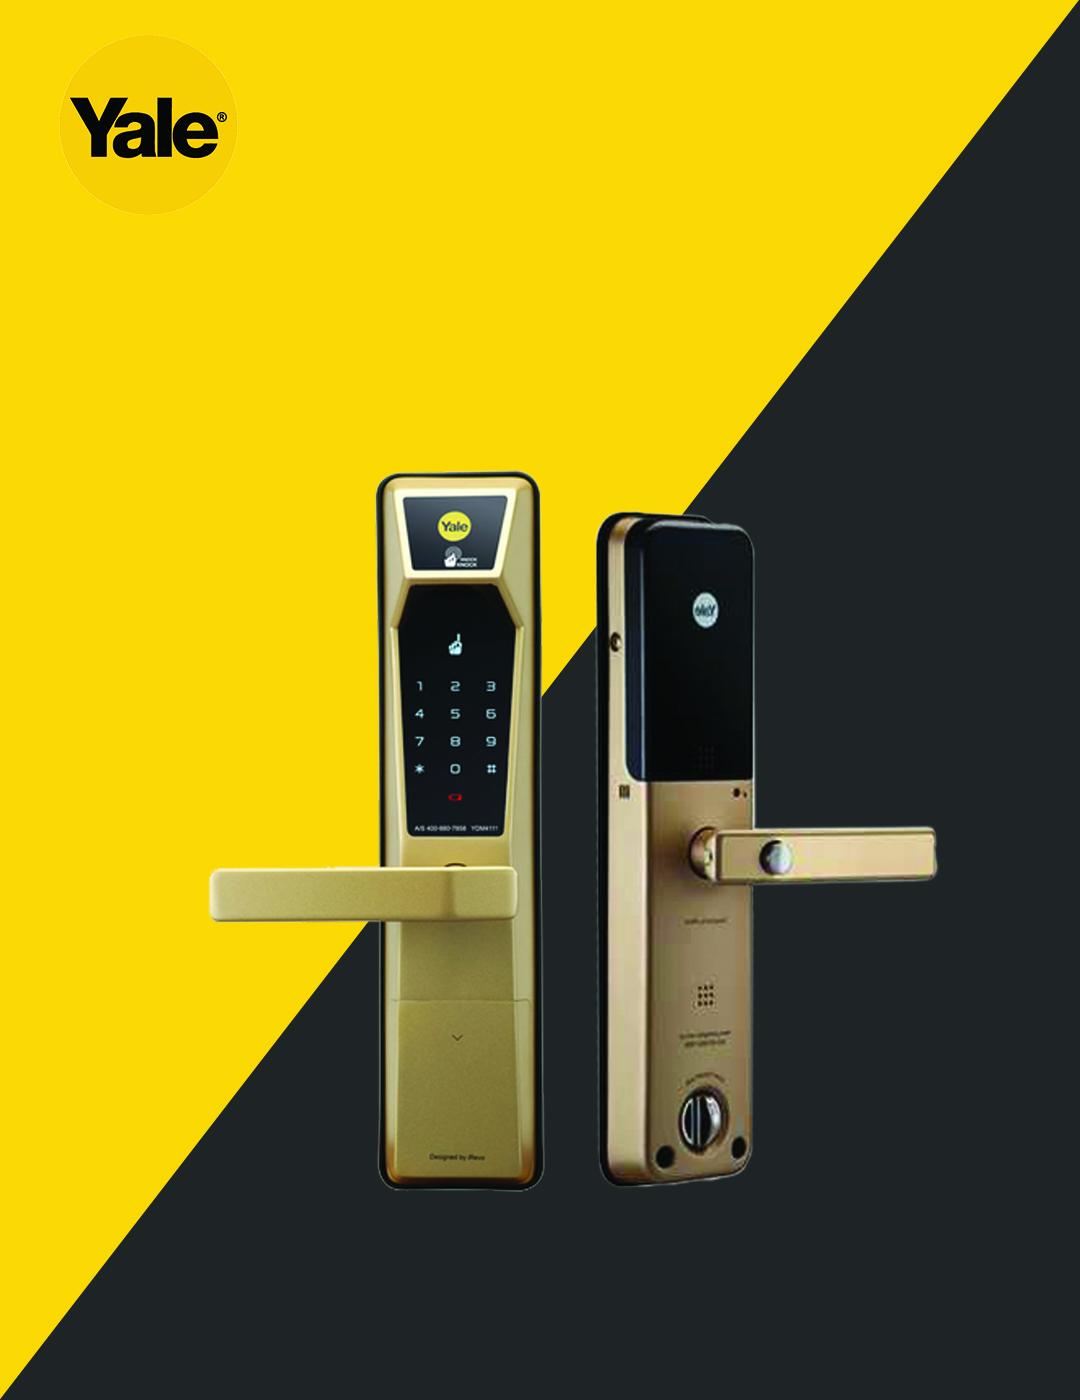 قفل دیجیتال یال مدل YDM4111